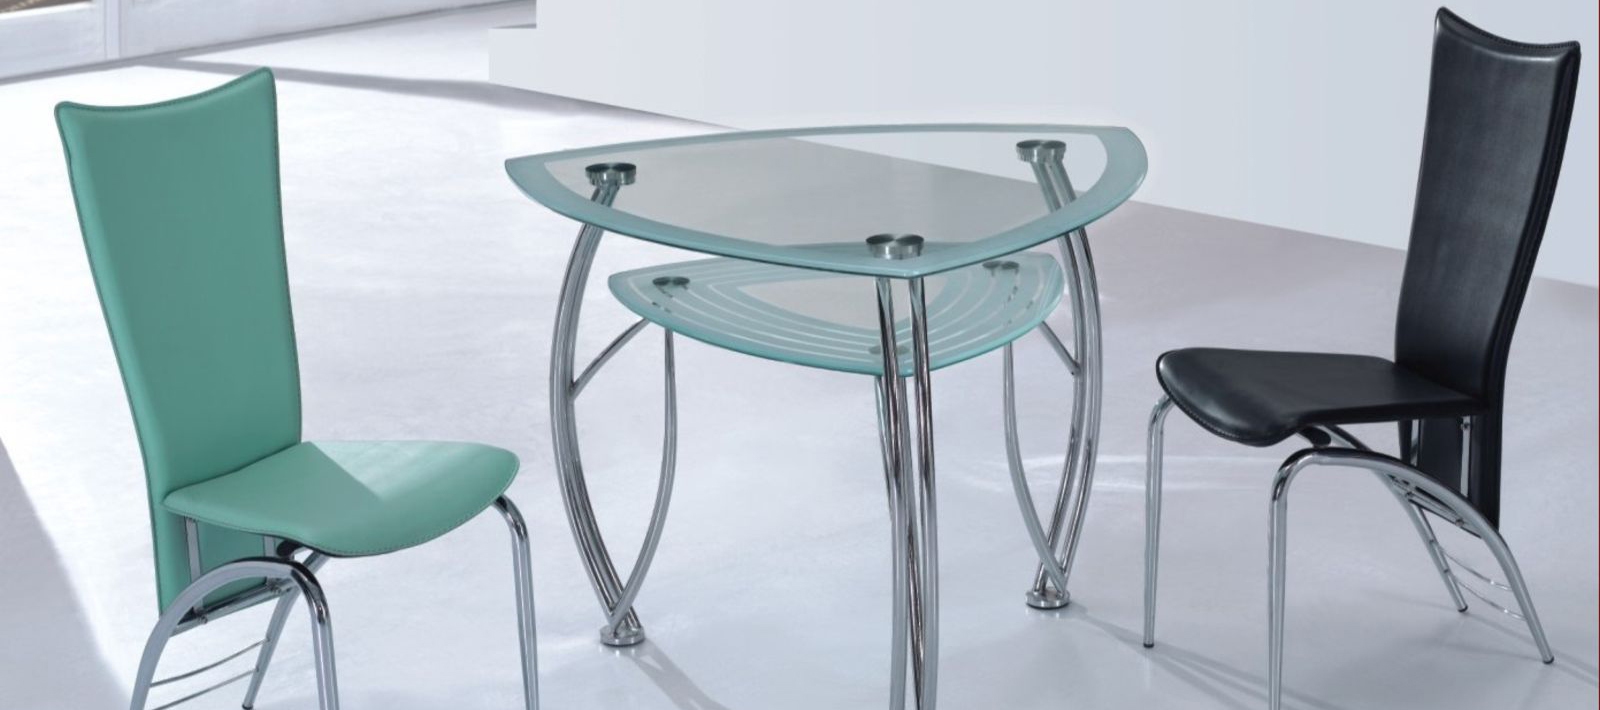 Угловой стеклянный стол как элемент мебельного интерьера